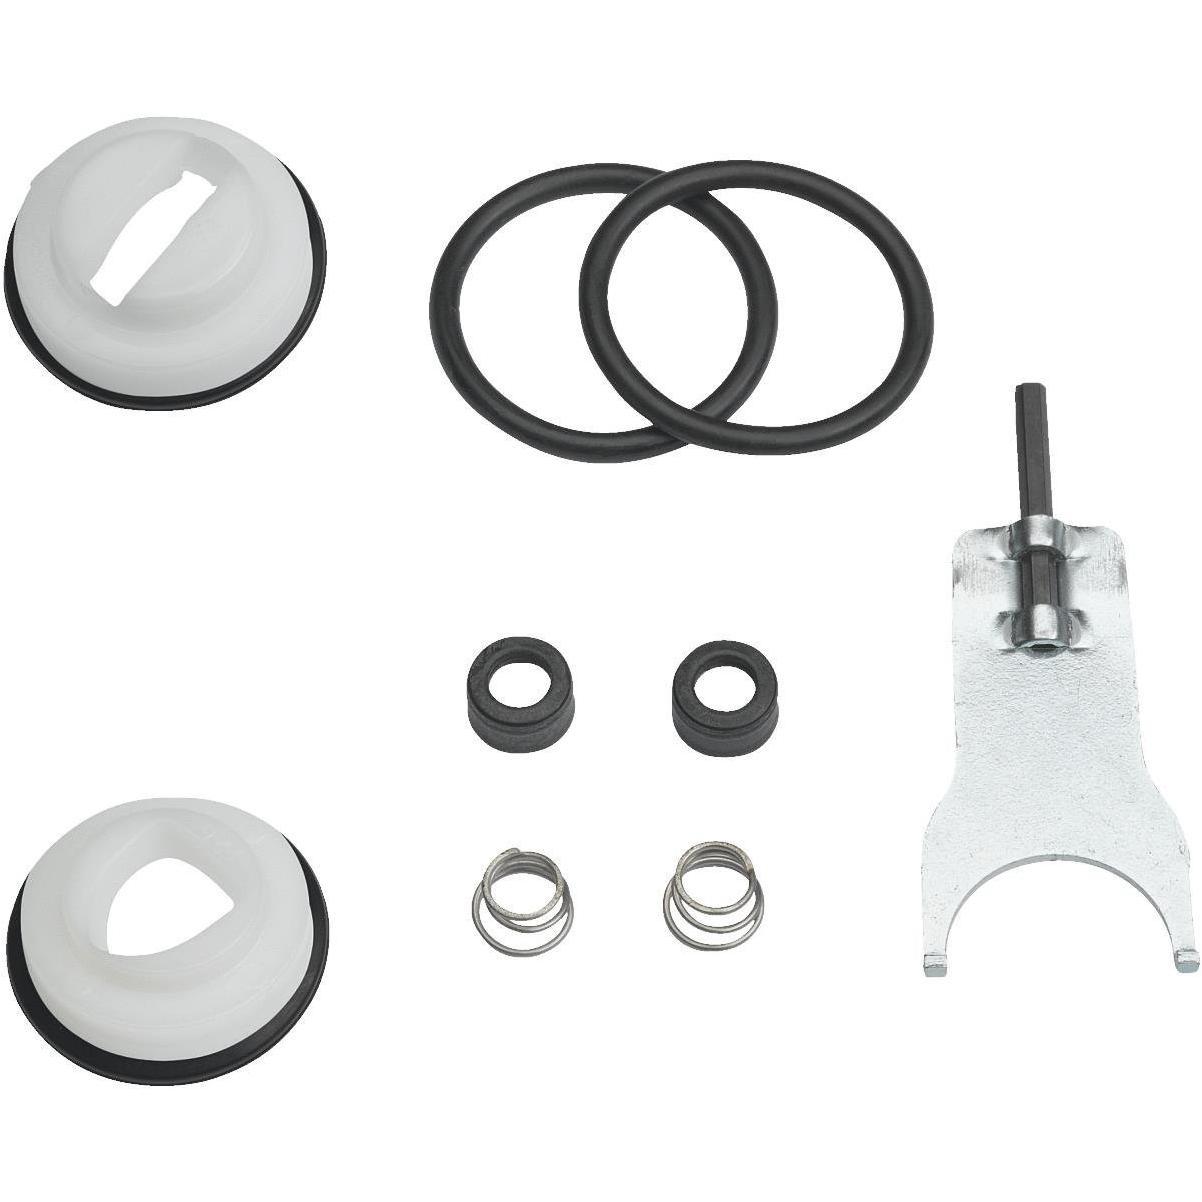 delta faucet repair kit for single handle faucet